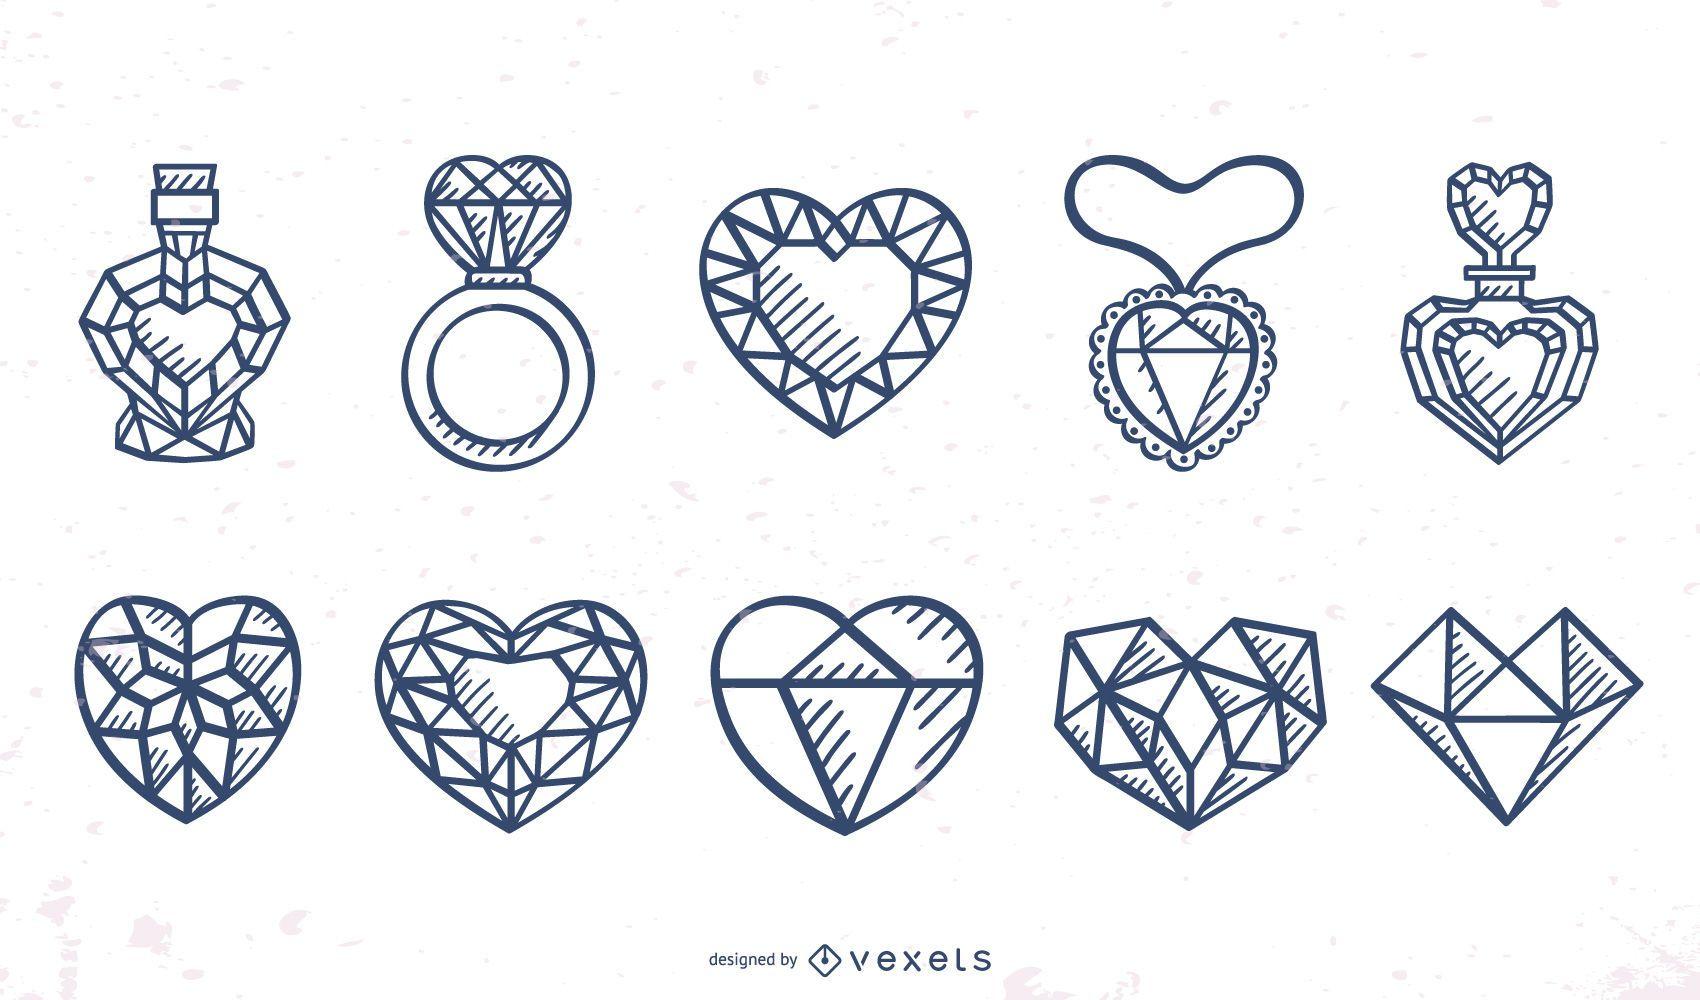 Conjunto de diseño de trazo de corazones facetados